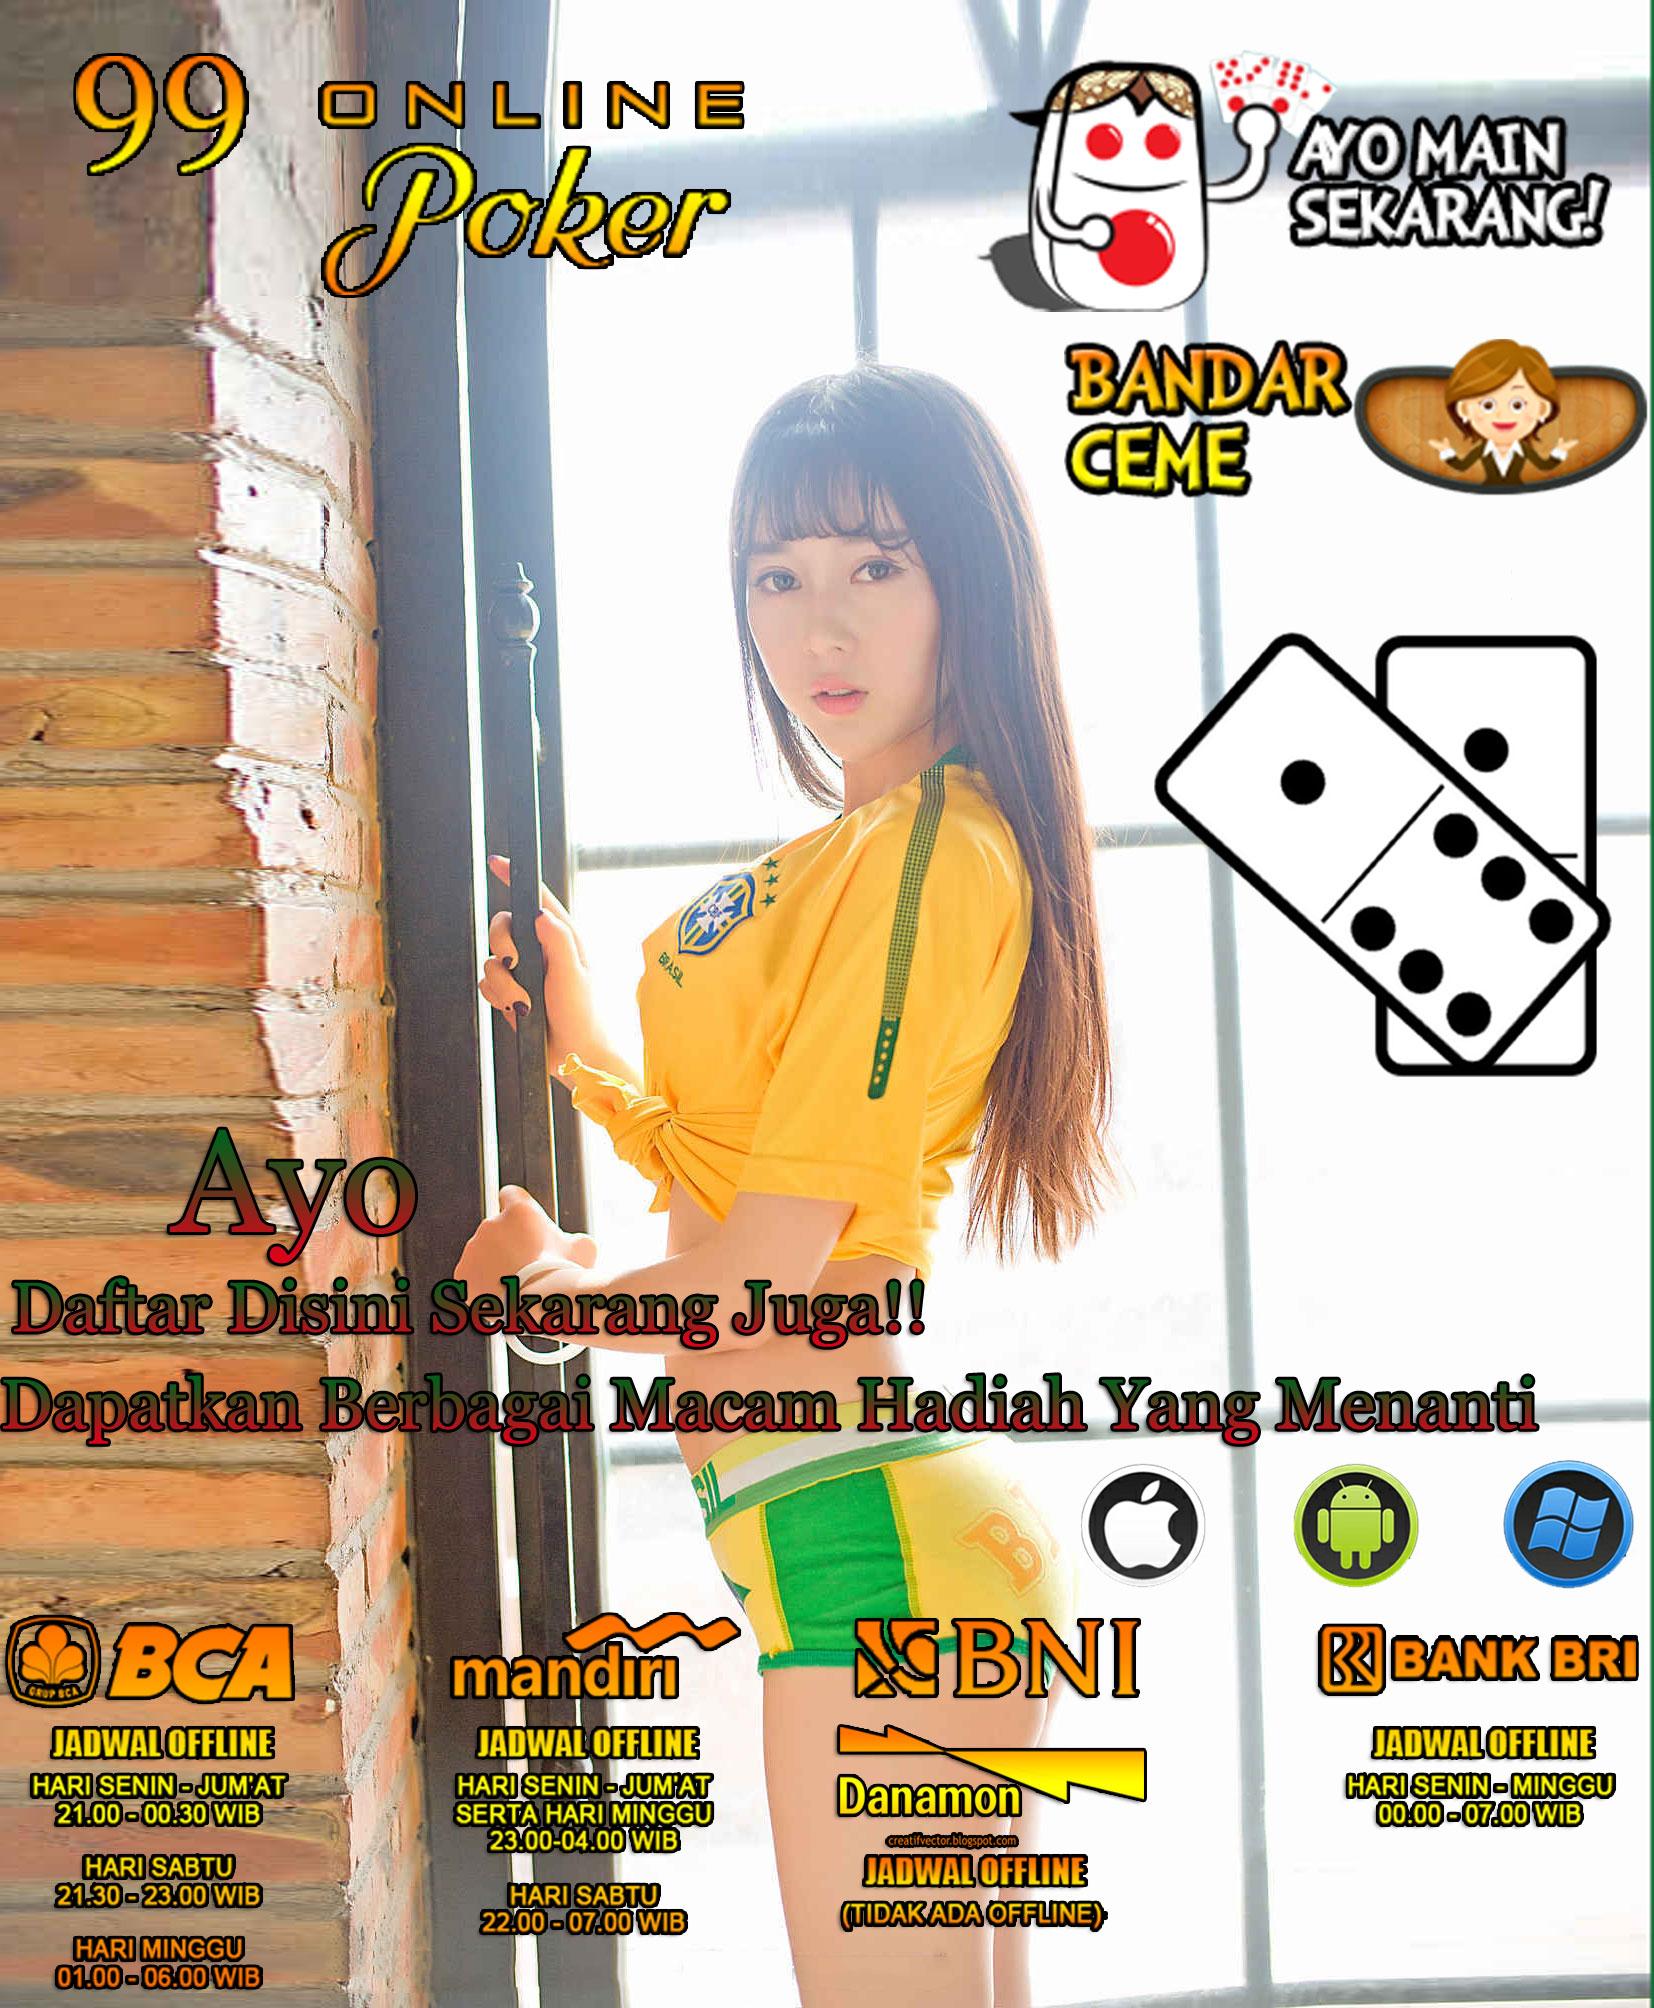 Ceme Online Terkemuka Indonesia